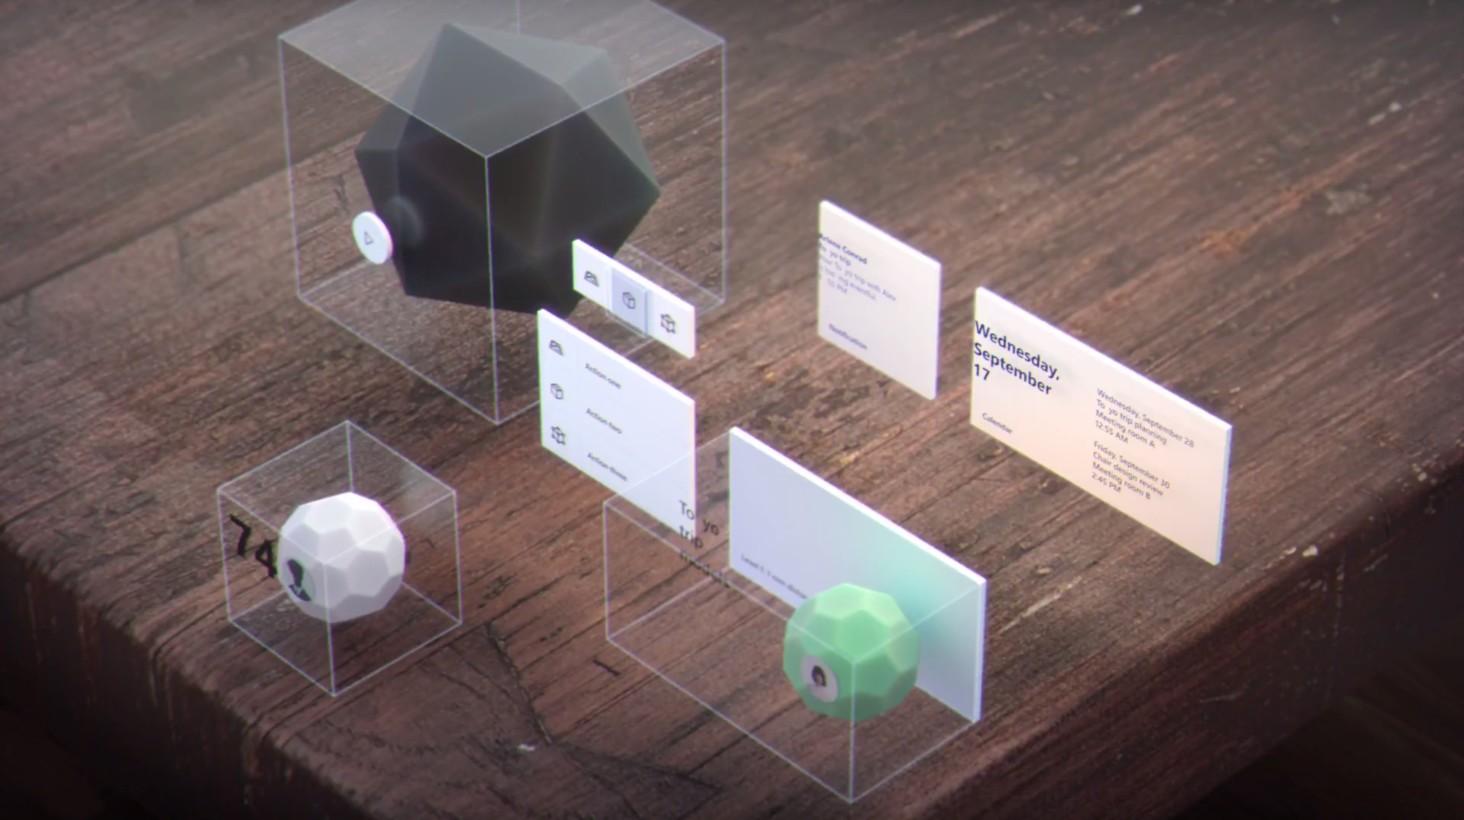 Virtuální prostředí Hololens